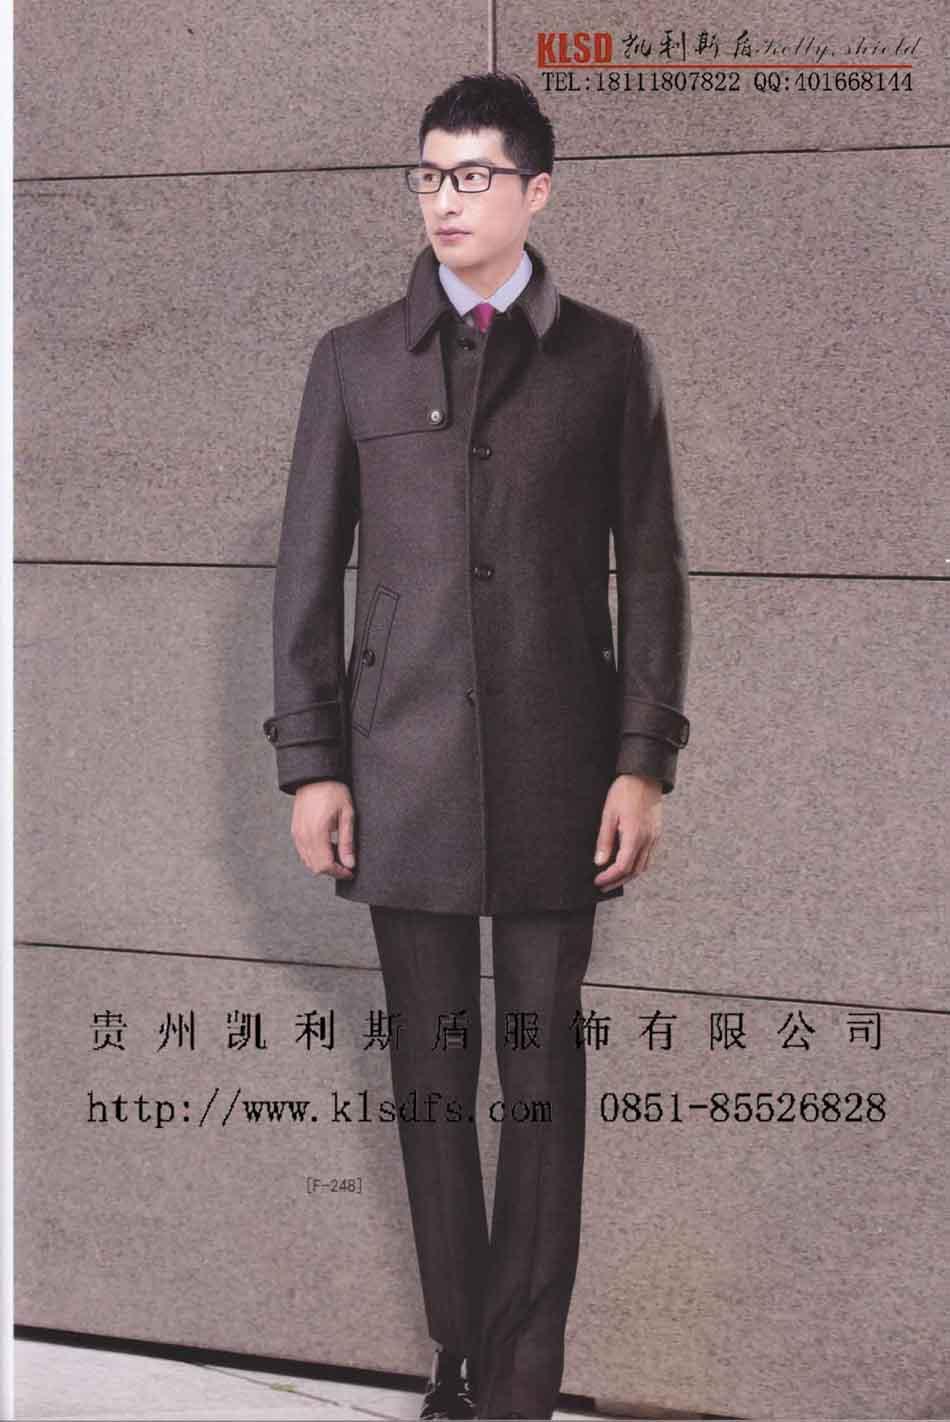 優惠的經典大衣供應,就在貴州凱利斯盾_六盤水經典大衣